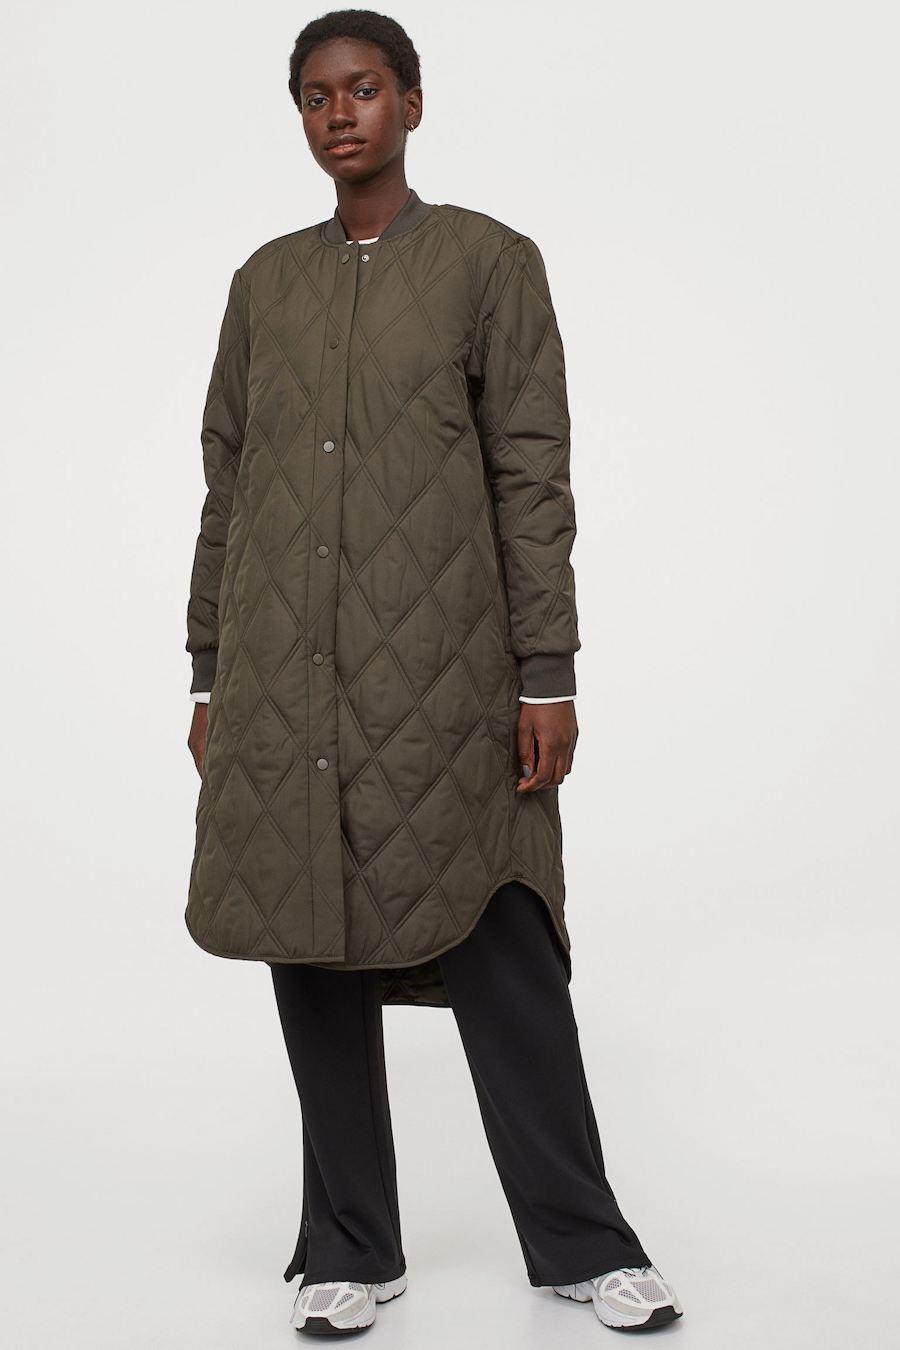 Abrigo outdoor guateado